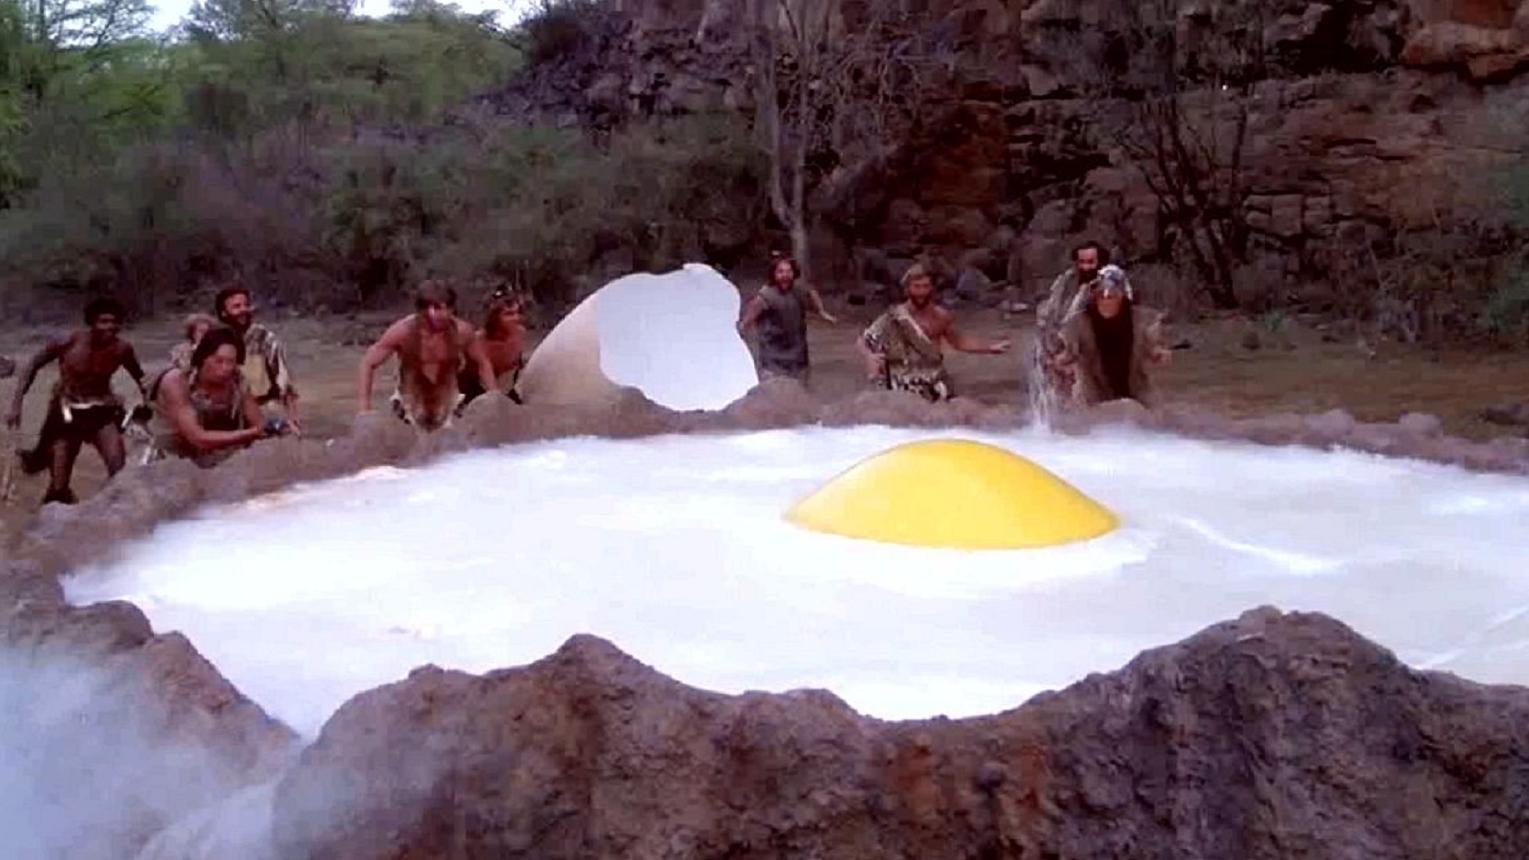 原始人将恐龙蛋丢进火山口,意外做出超大荷包蛋,一部经典喜剧片